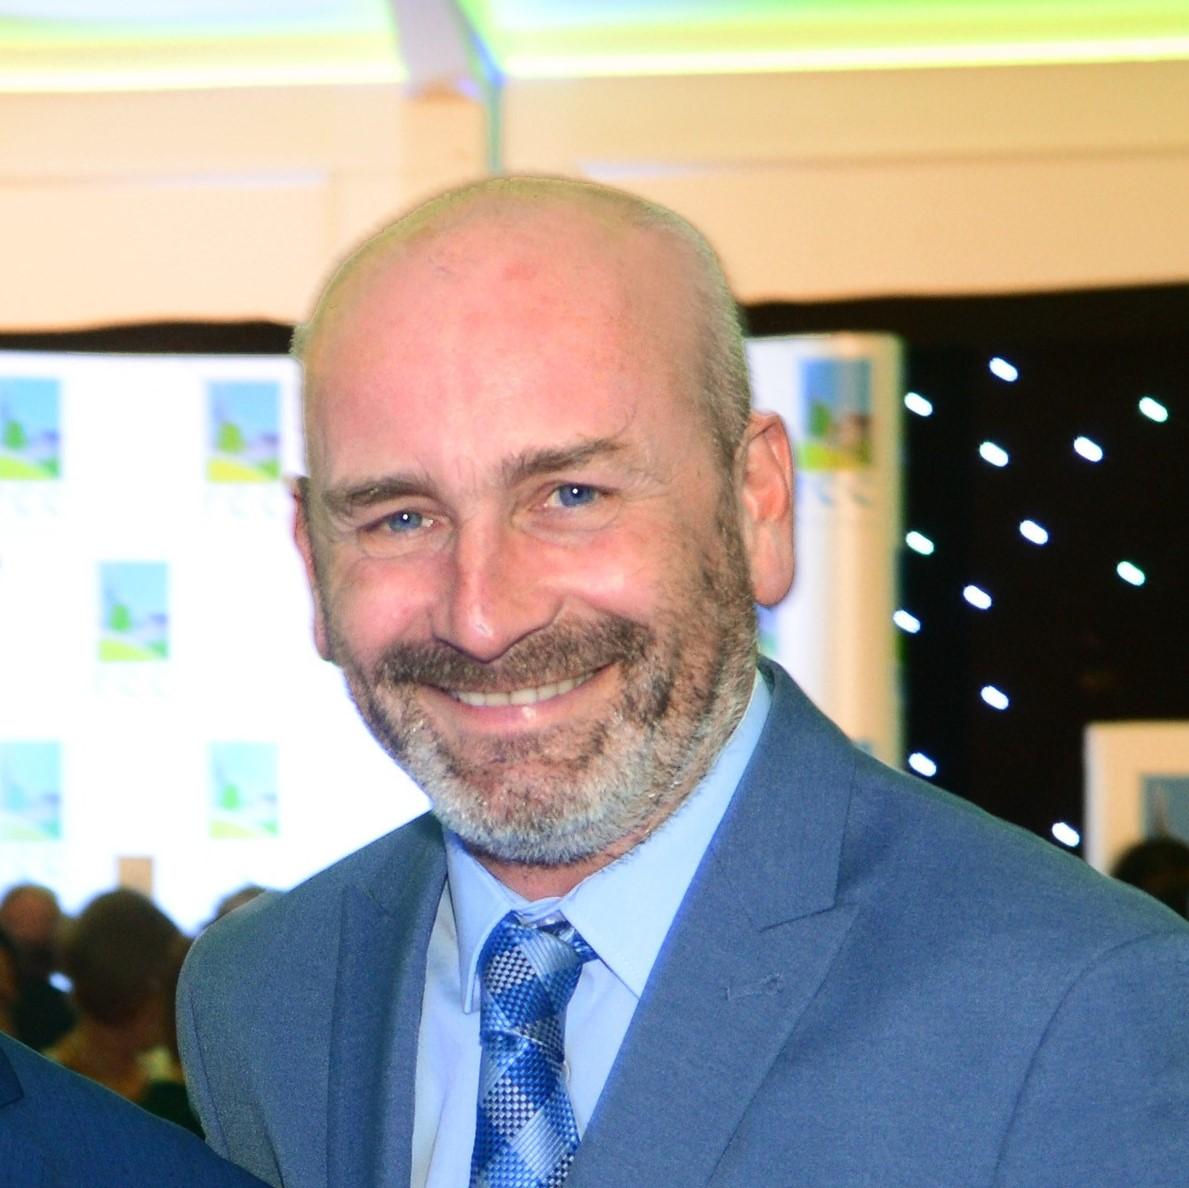 Kevin Butcher